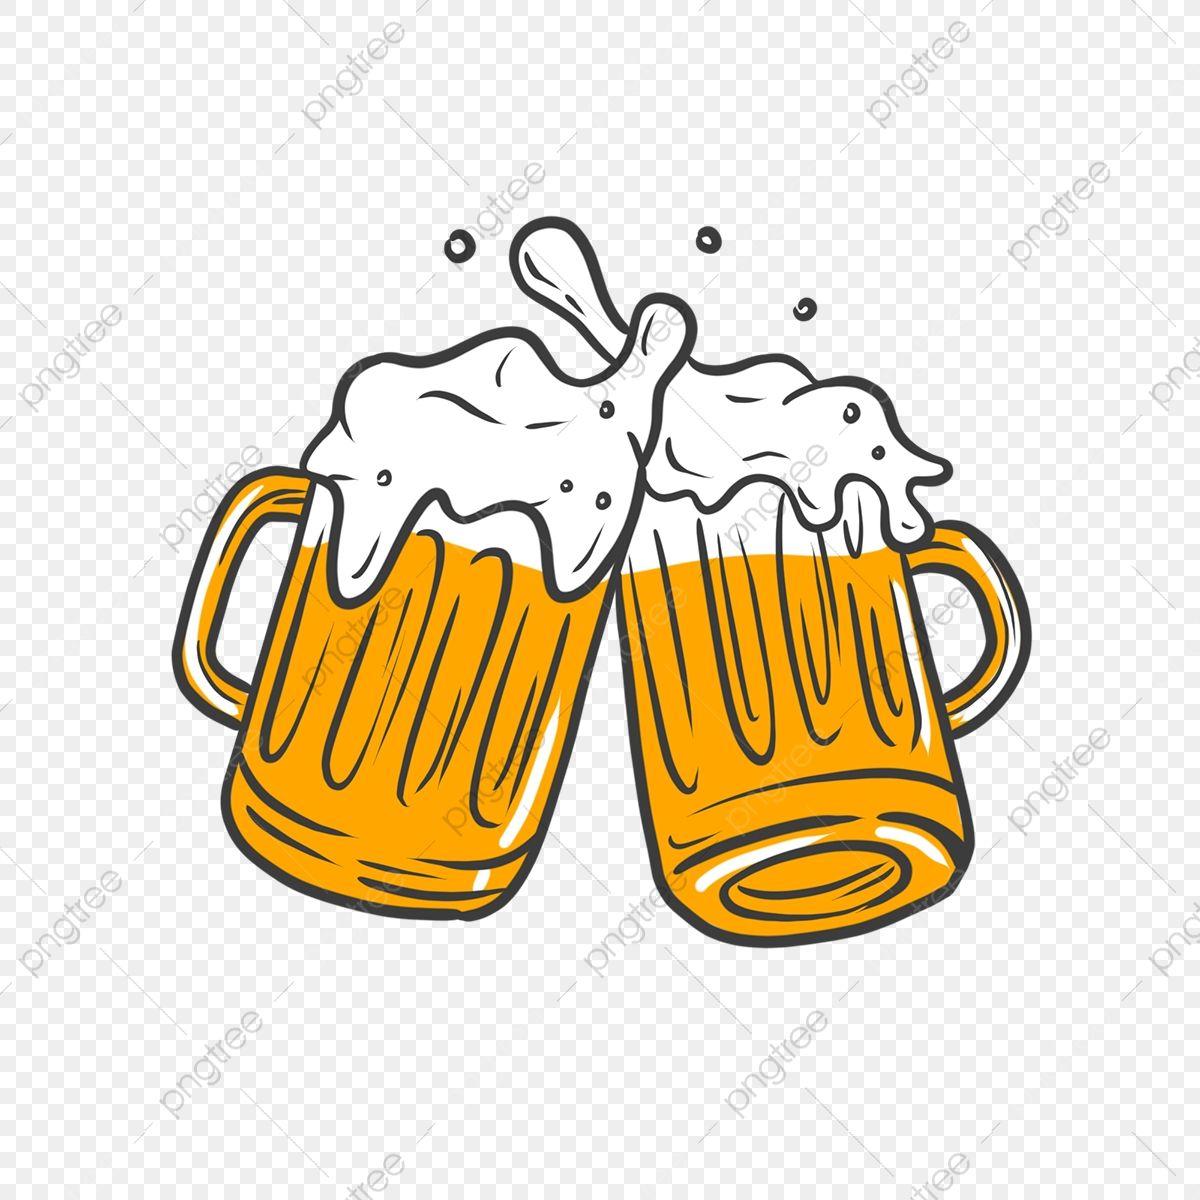 Cerveja Bonita Feita A Mao Alcool Cerveja Artesanal Fofa Imagem Png E Psd Para Download Gratuito Logos De Cerveja Copo De Cerveja Imagem Cerveja